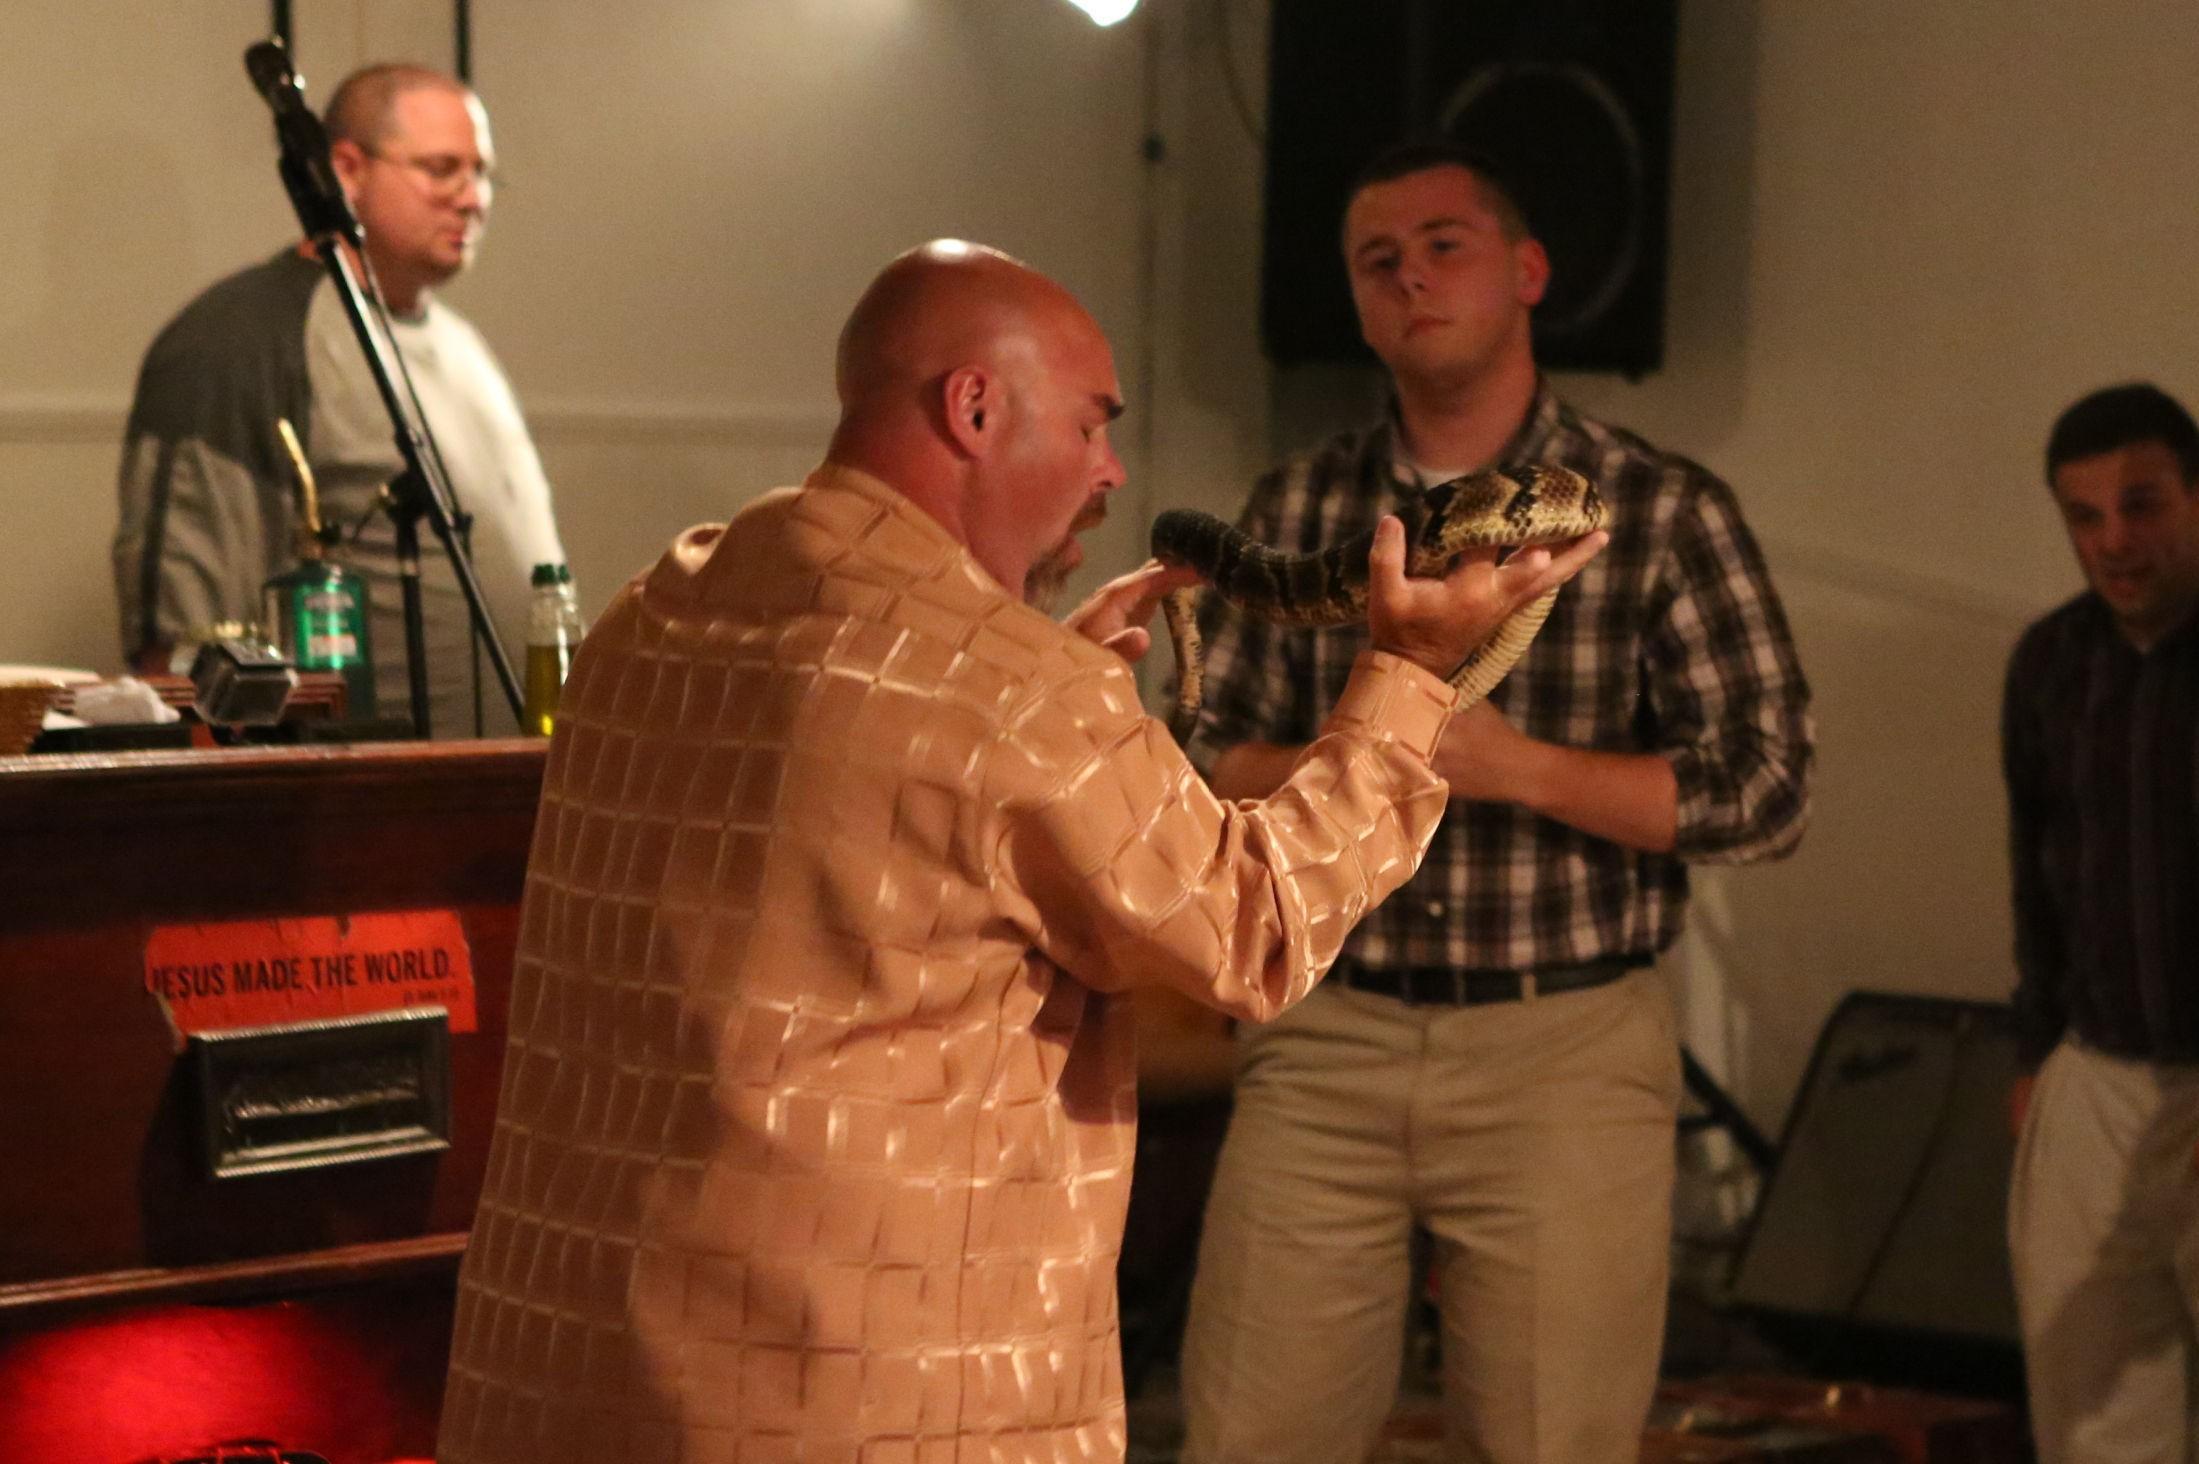 HELLIG OVERBEVIST: Pastor Jamie Coots holder en preken mens han holder en giftig slange. Presten var overbevist om at giftige slangebitt ikke vil kunne skade ham så lenge han var i Guds nåde.